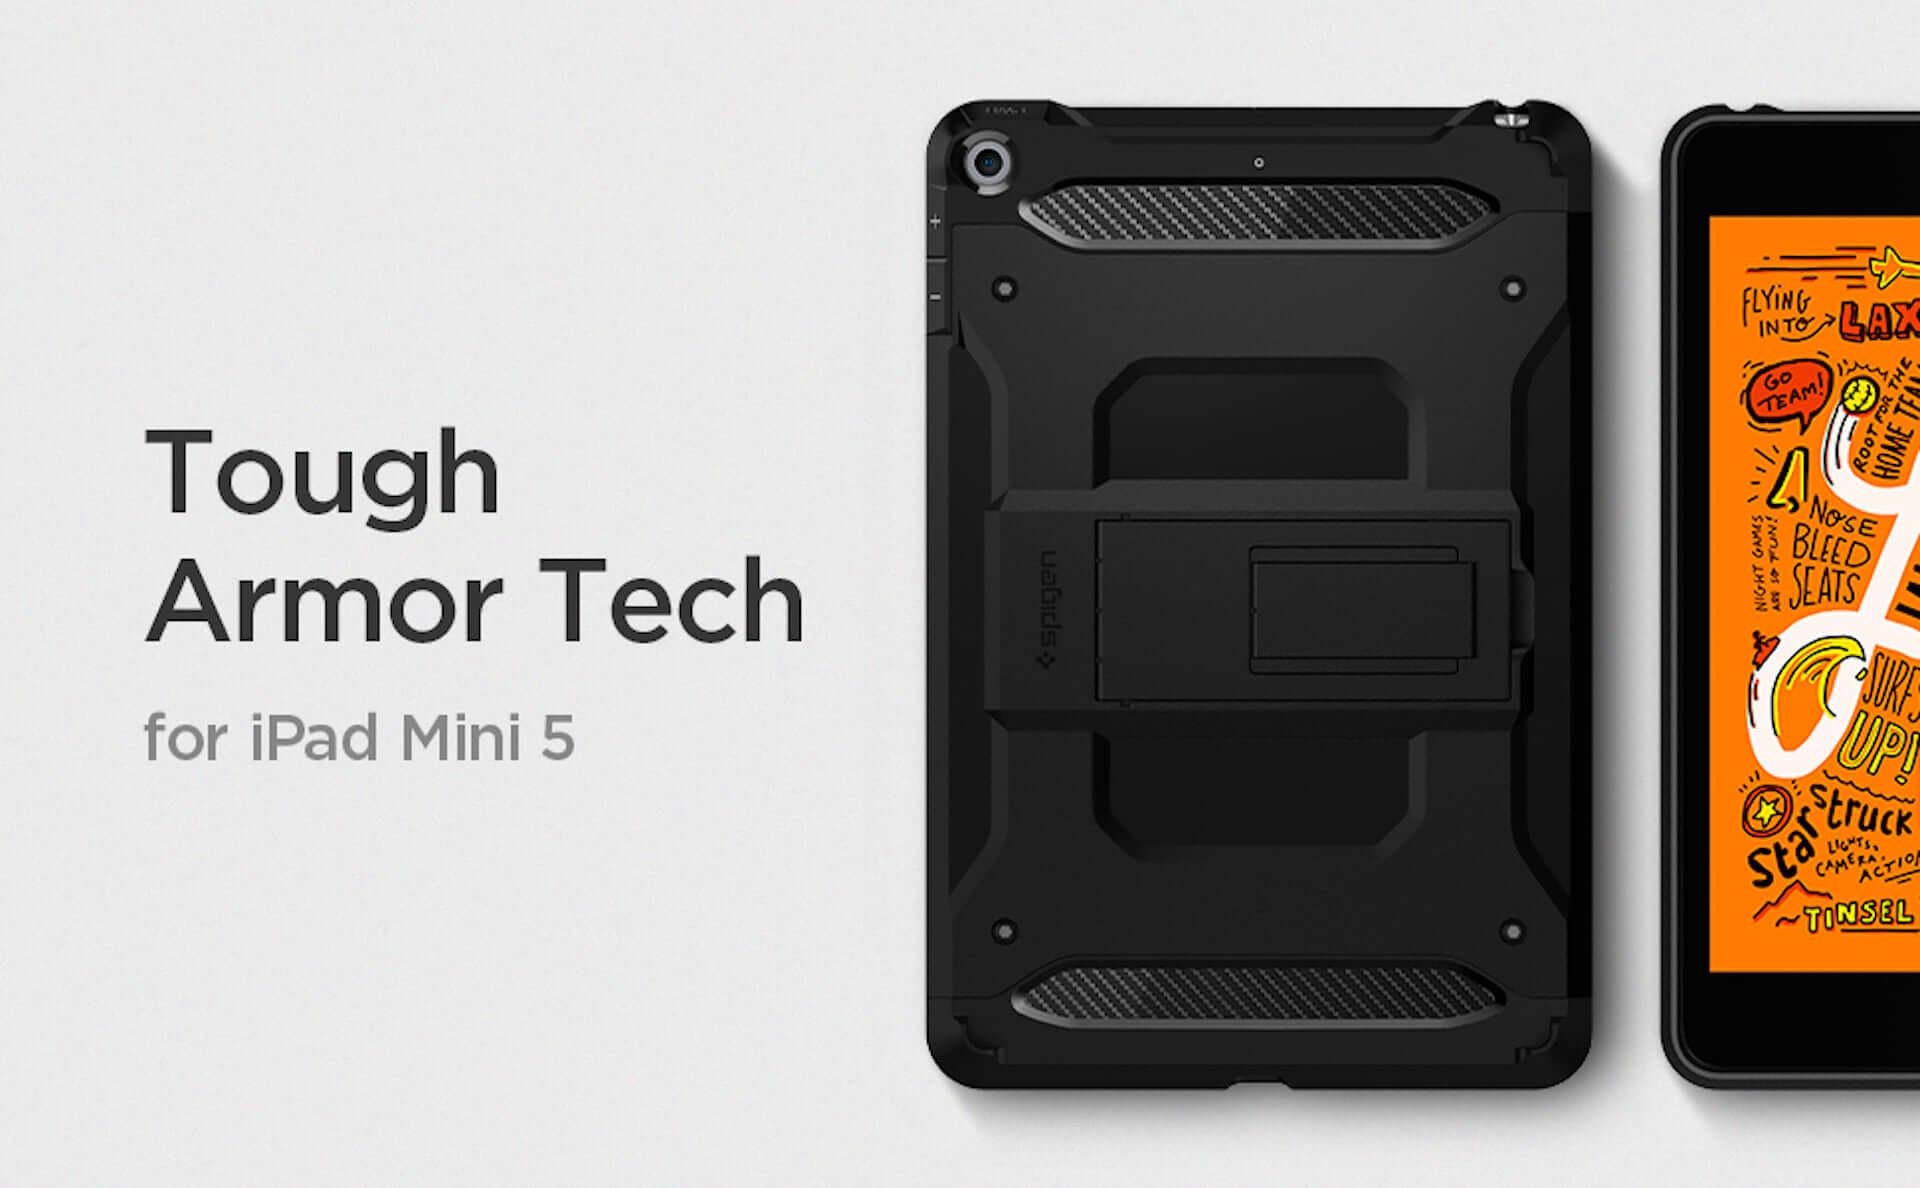 米軍MIL規格を得たNo.1の耐衝撃性能を誇るiPad mini 5用ケースに新色登場|Spigen「タフ・アーマー テック」 technology190628spigen-ipadmini_2-1920x1188